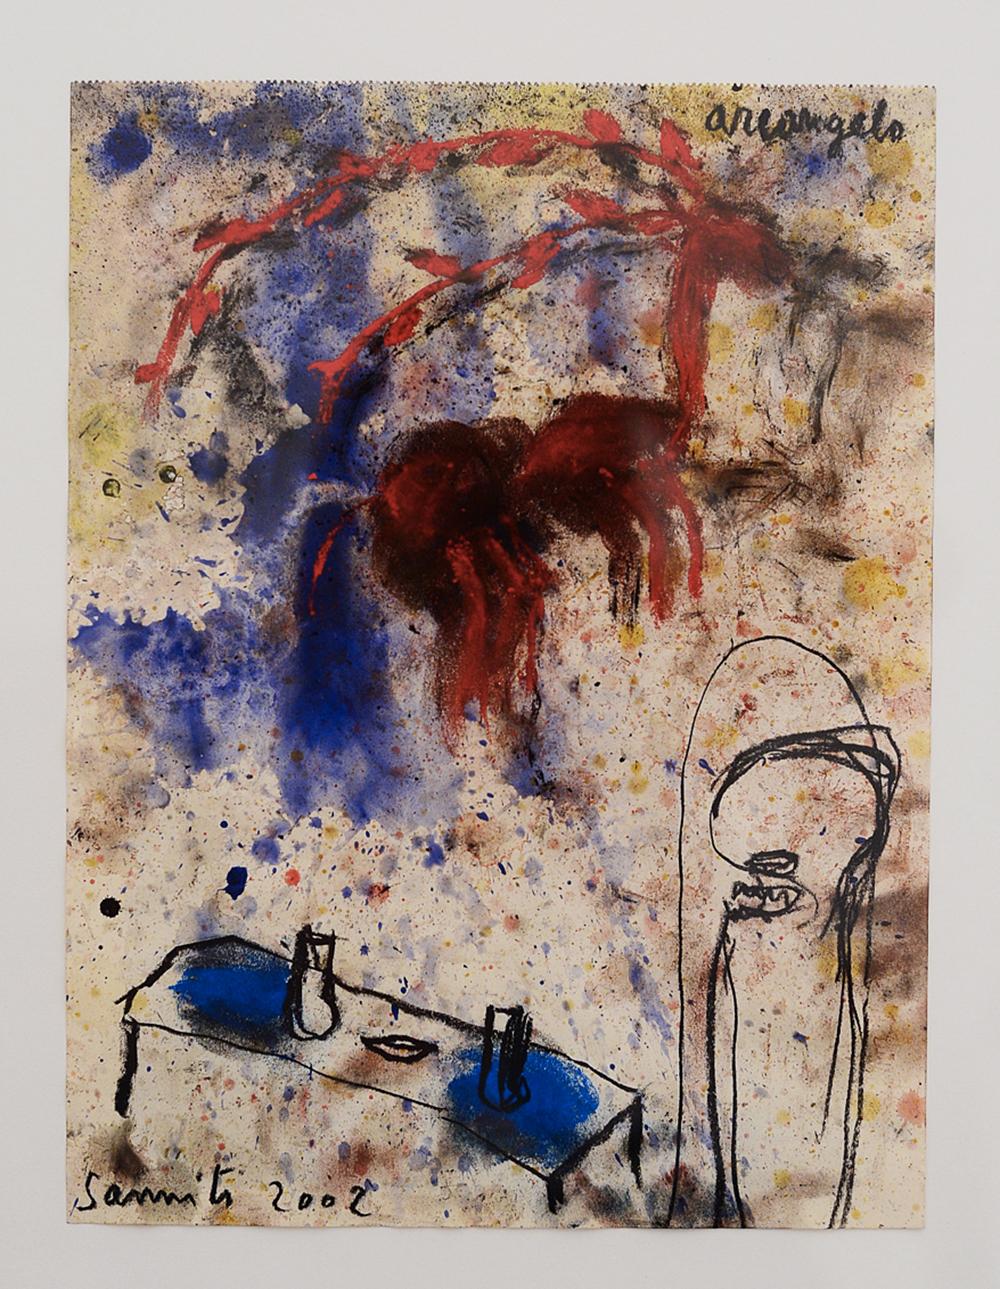 Sanniti, 2002, tecnica mista su carta, cm 31x23